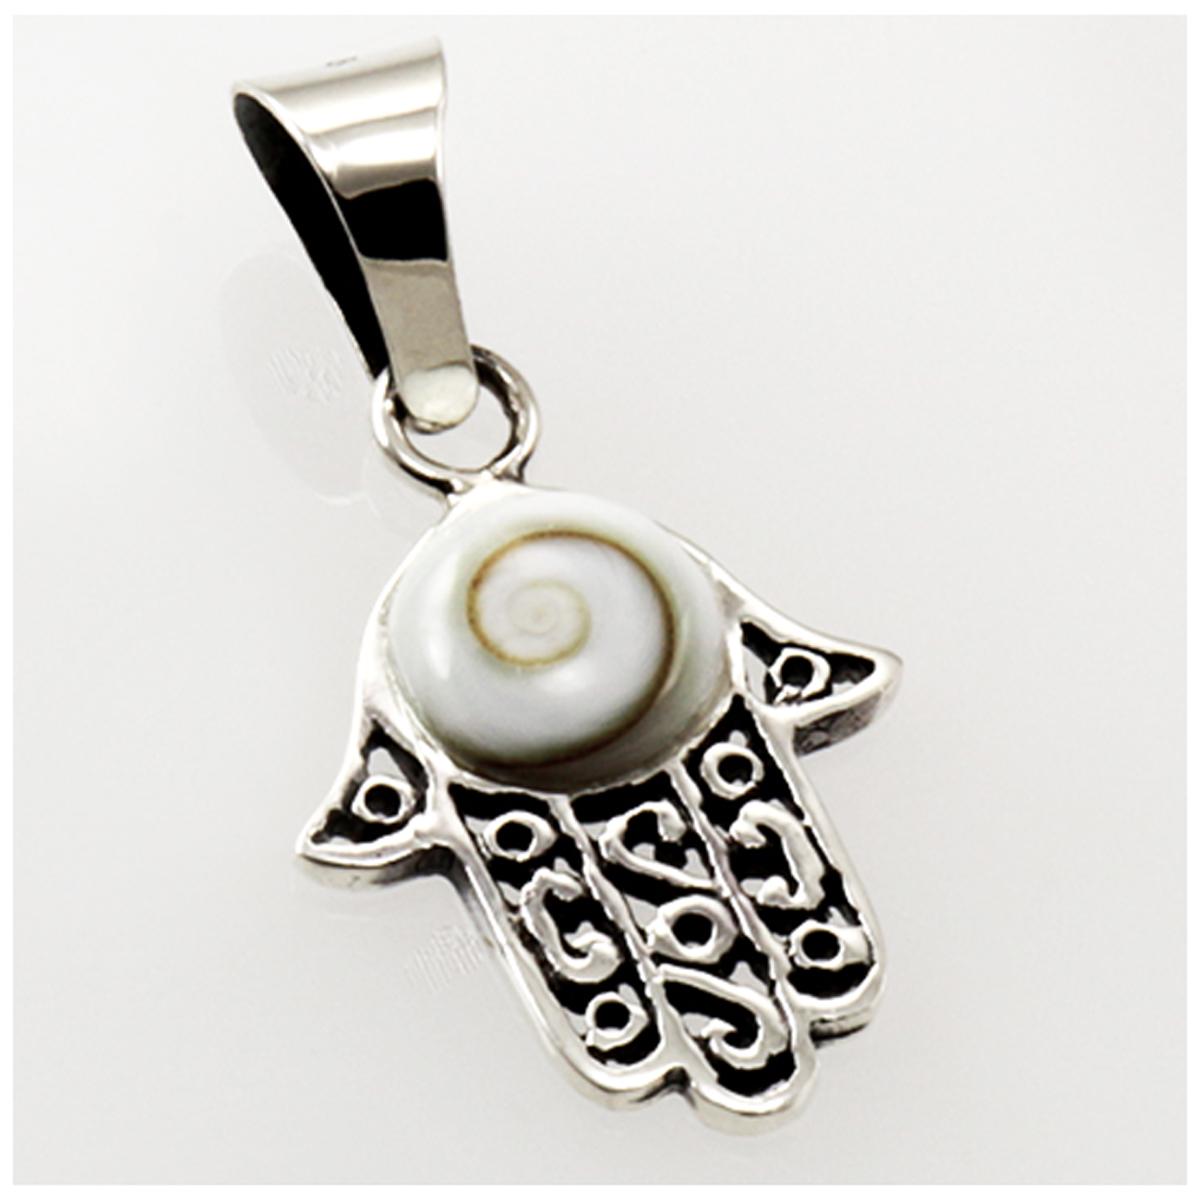 Pendentif Argent artisanal \'Main de Fatma\' blanc argenté (oeil de sainte lucie) - 16x14 mm - [R4544]